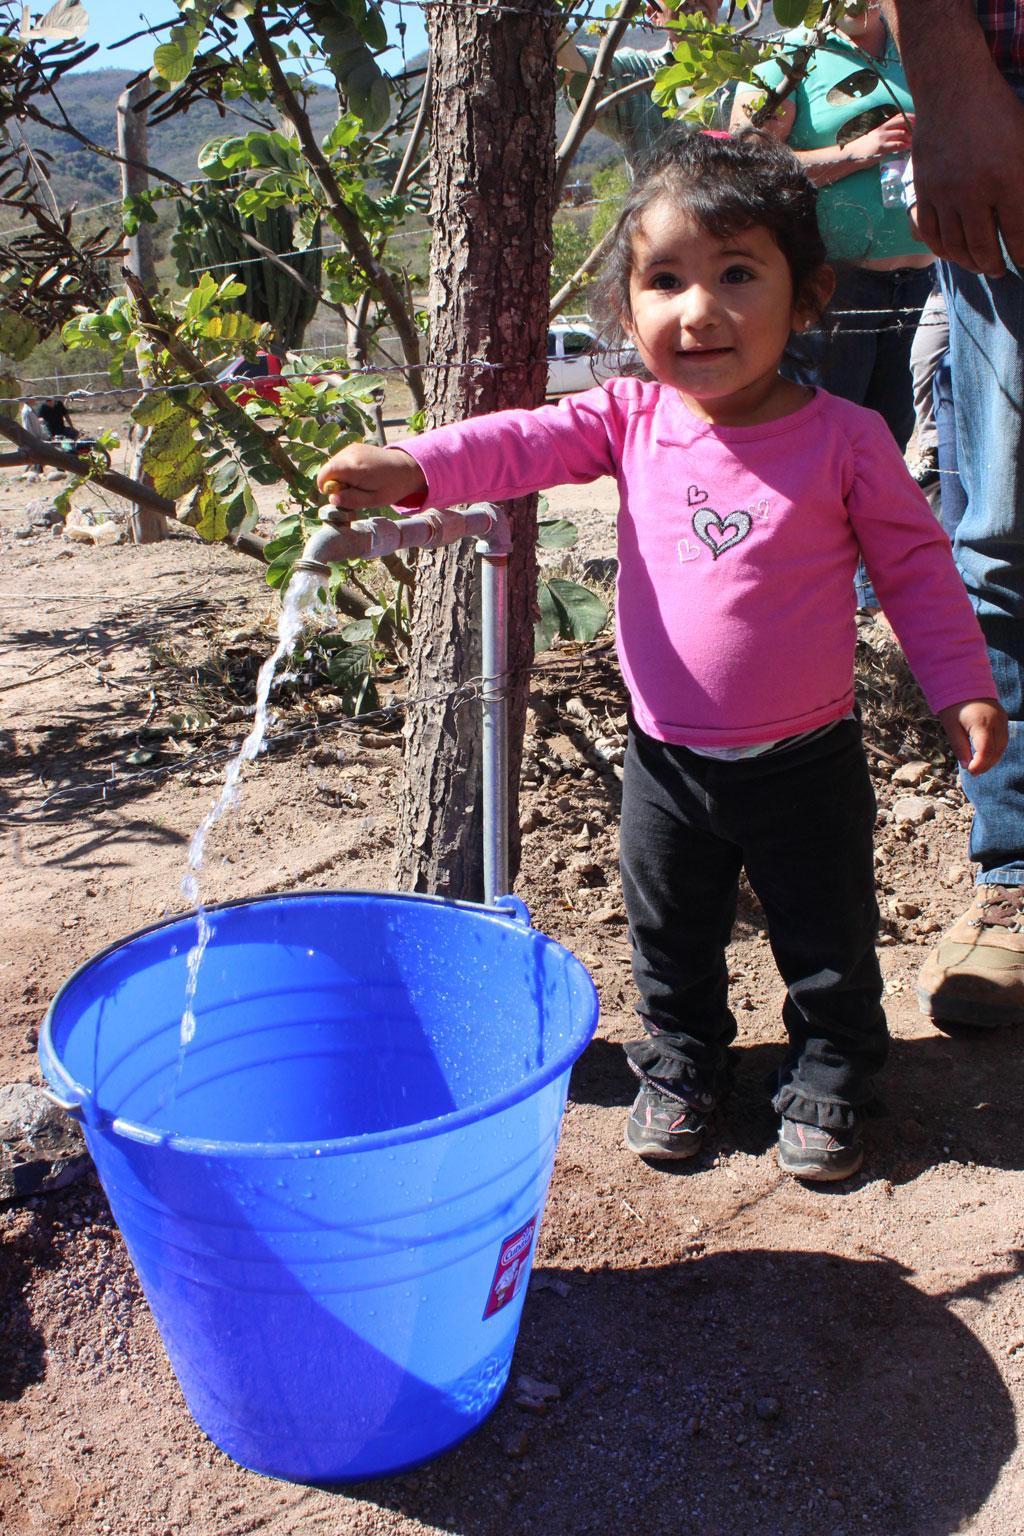 Noticias-2016-Agua-y-drenaje-para-las-comunidades-mas-apartadas-de-Culiacan-10